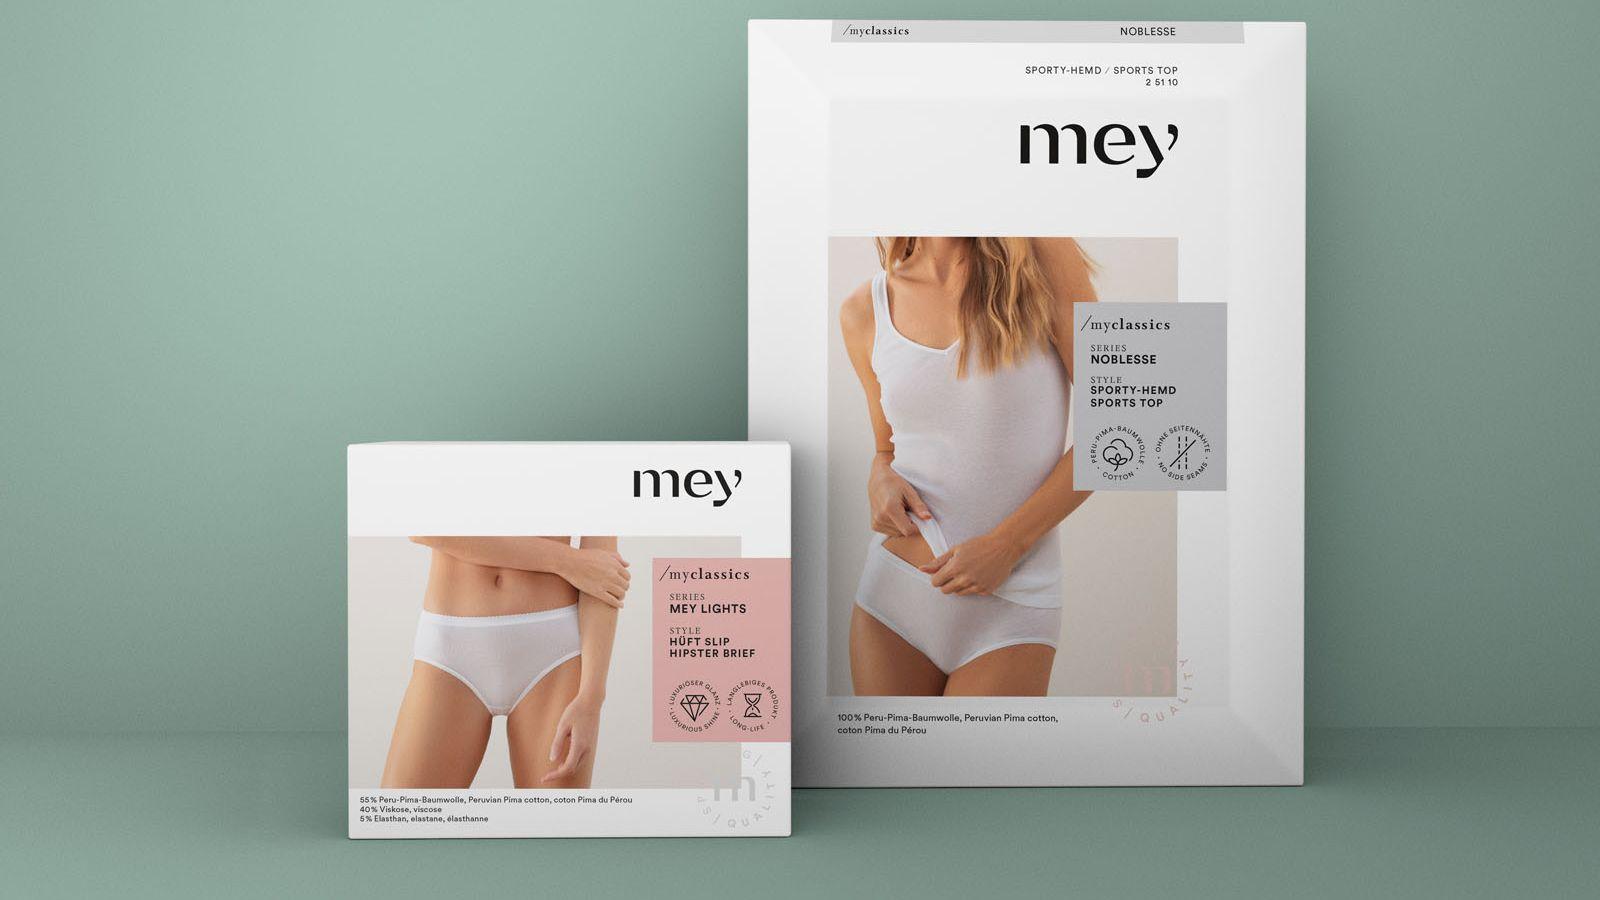 Corporate-Design-Mey-verpasst-sich-neues-Logo